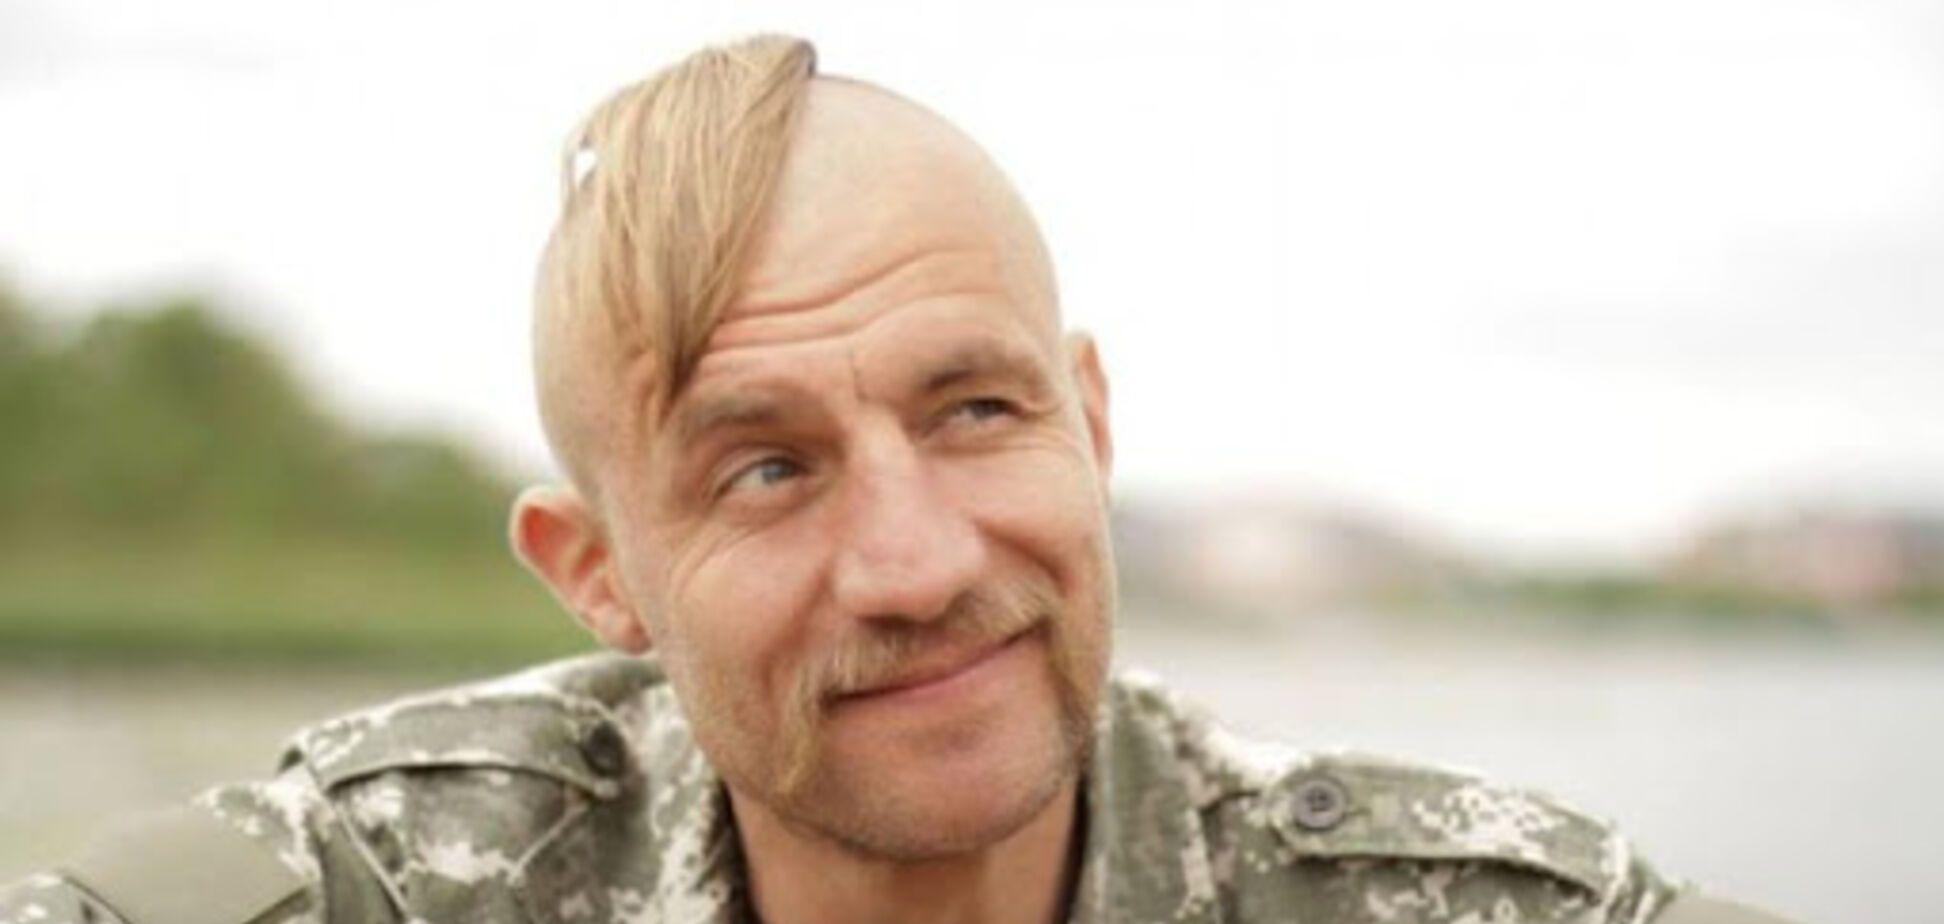 Гаврилюк пообщался со 'спалившей' его в такси киевлянкой